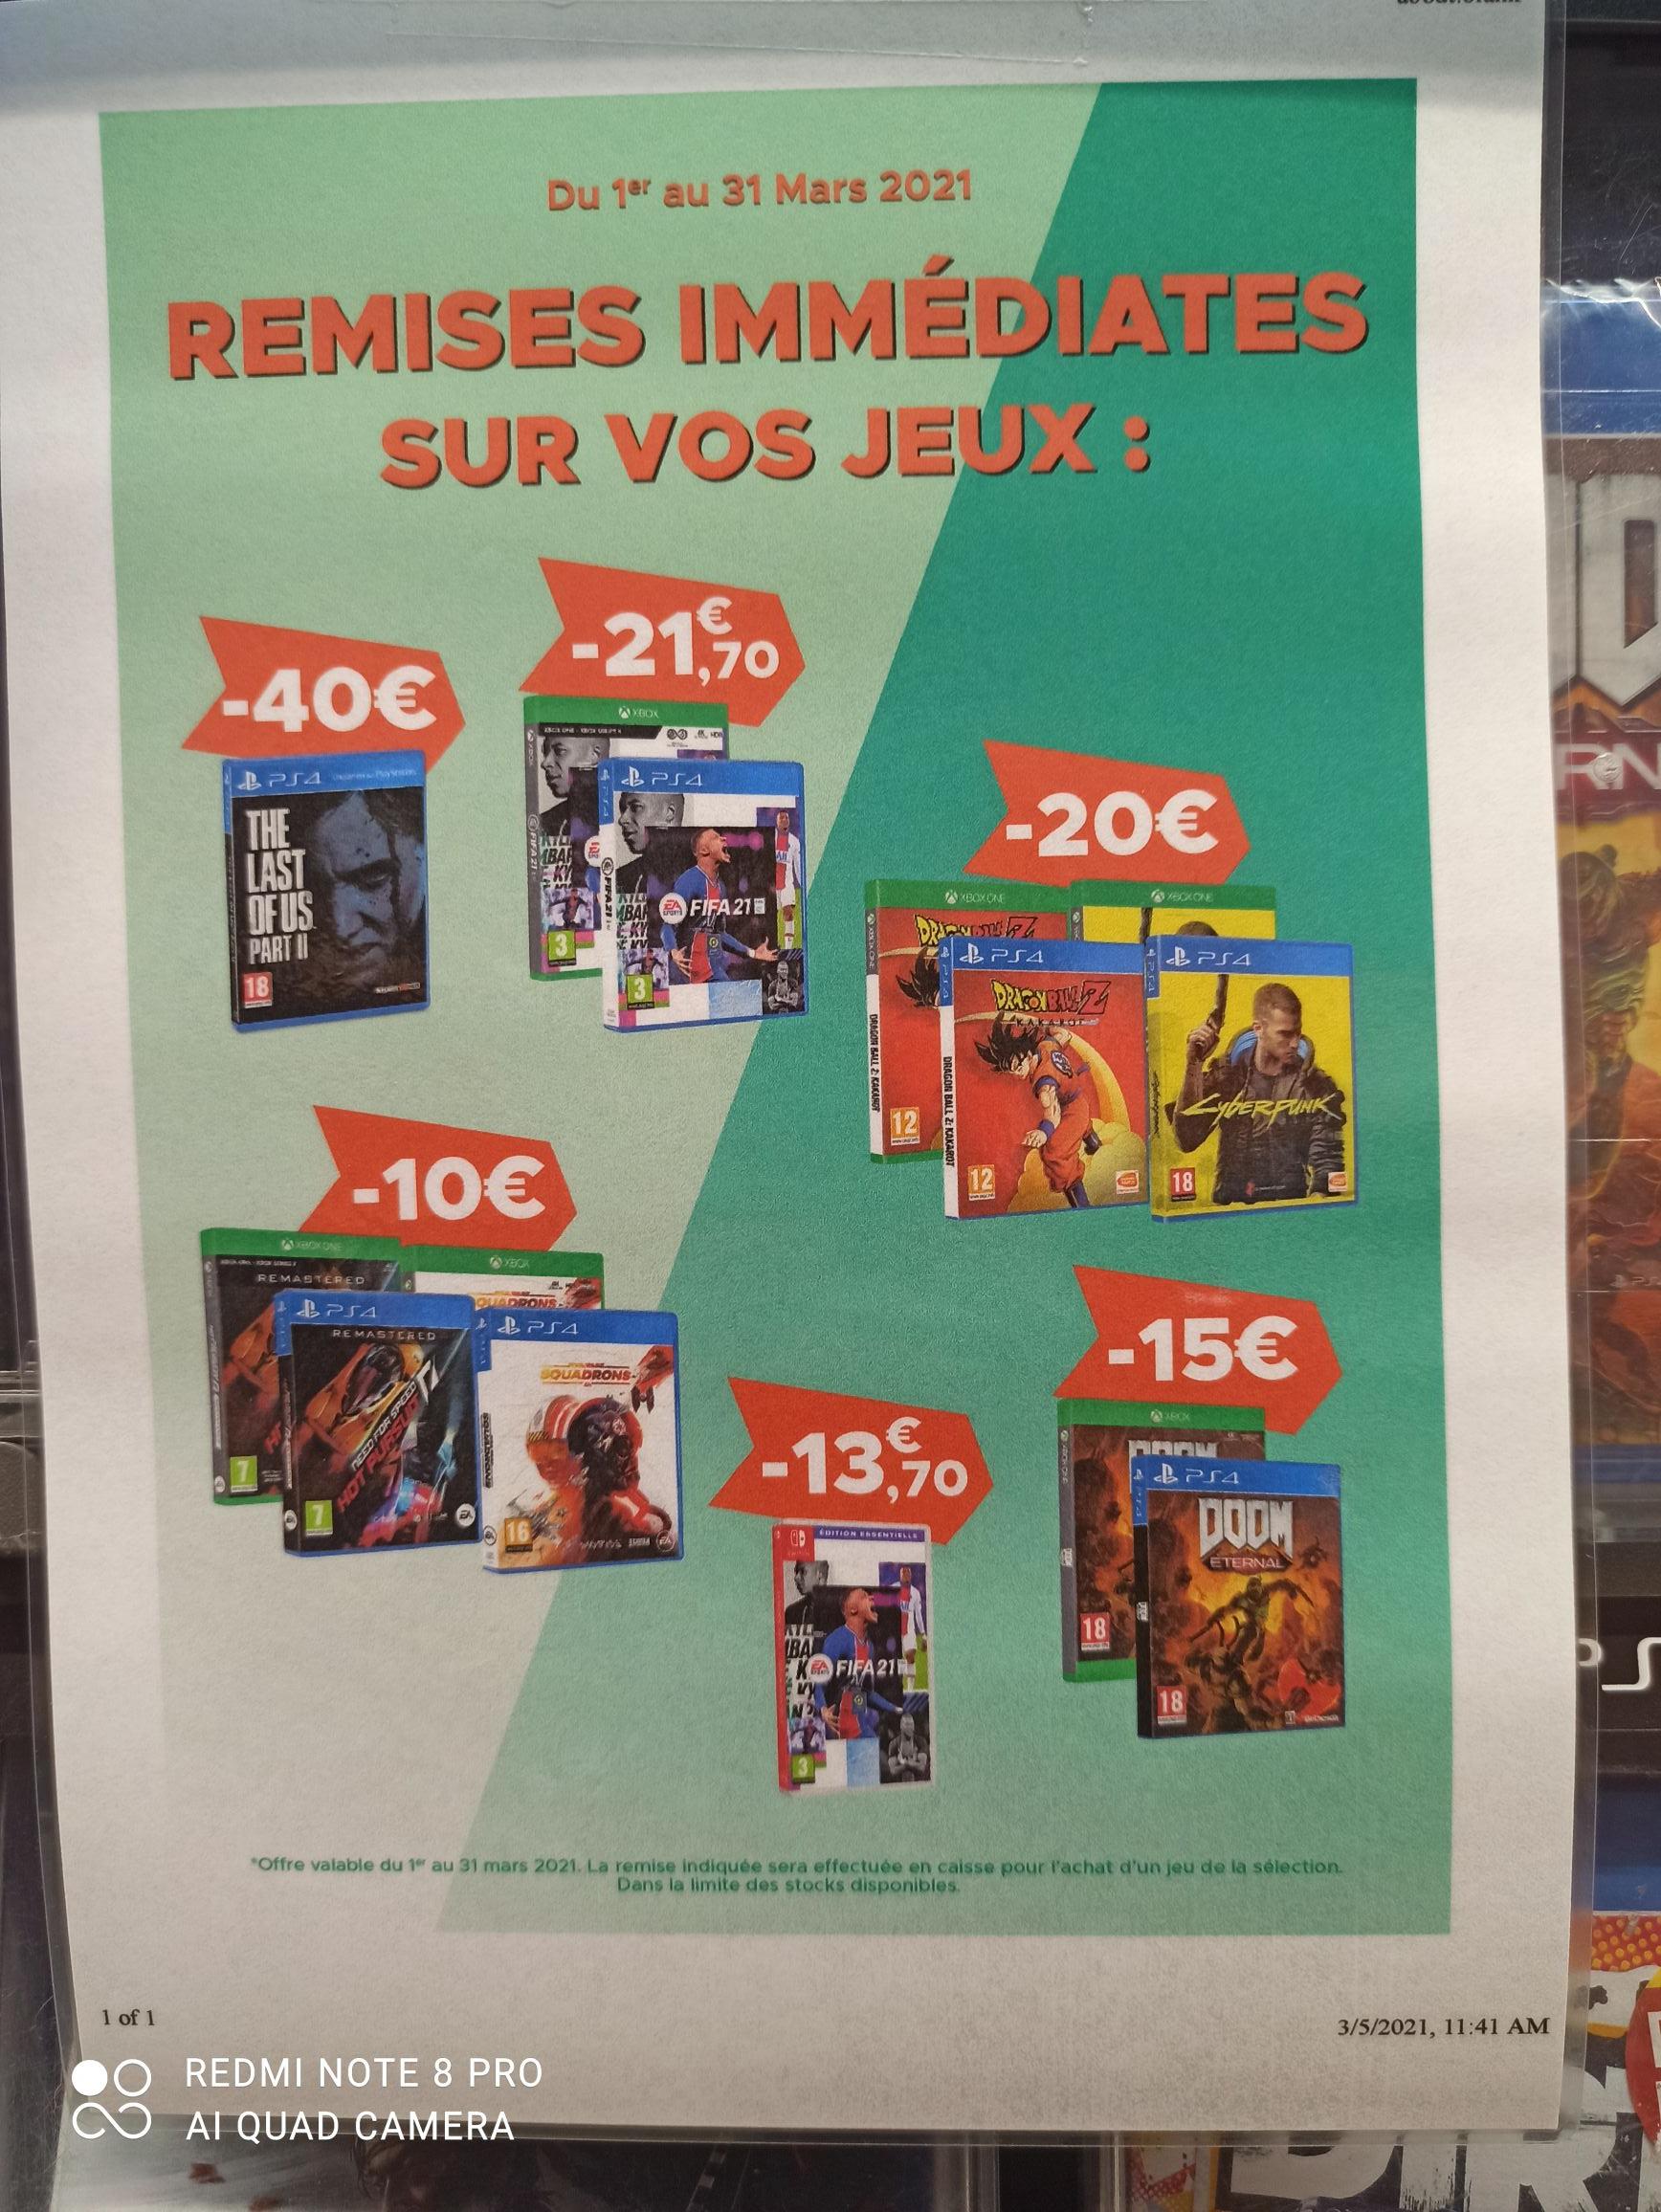 Sélection de jeux sur PS4 & Xbox One en promotion - Geneston (44)